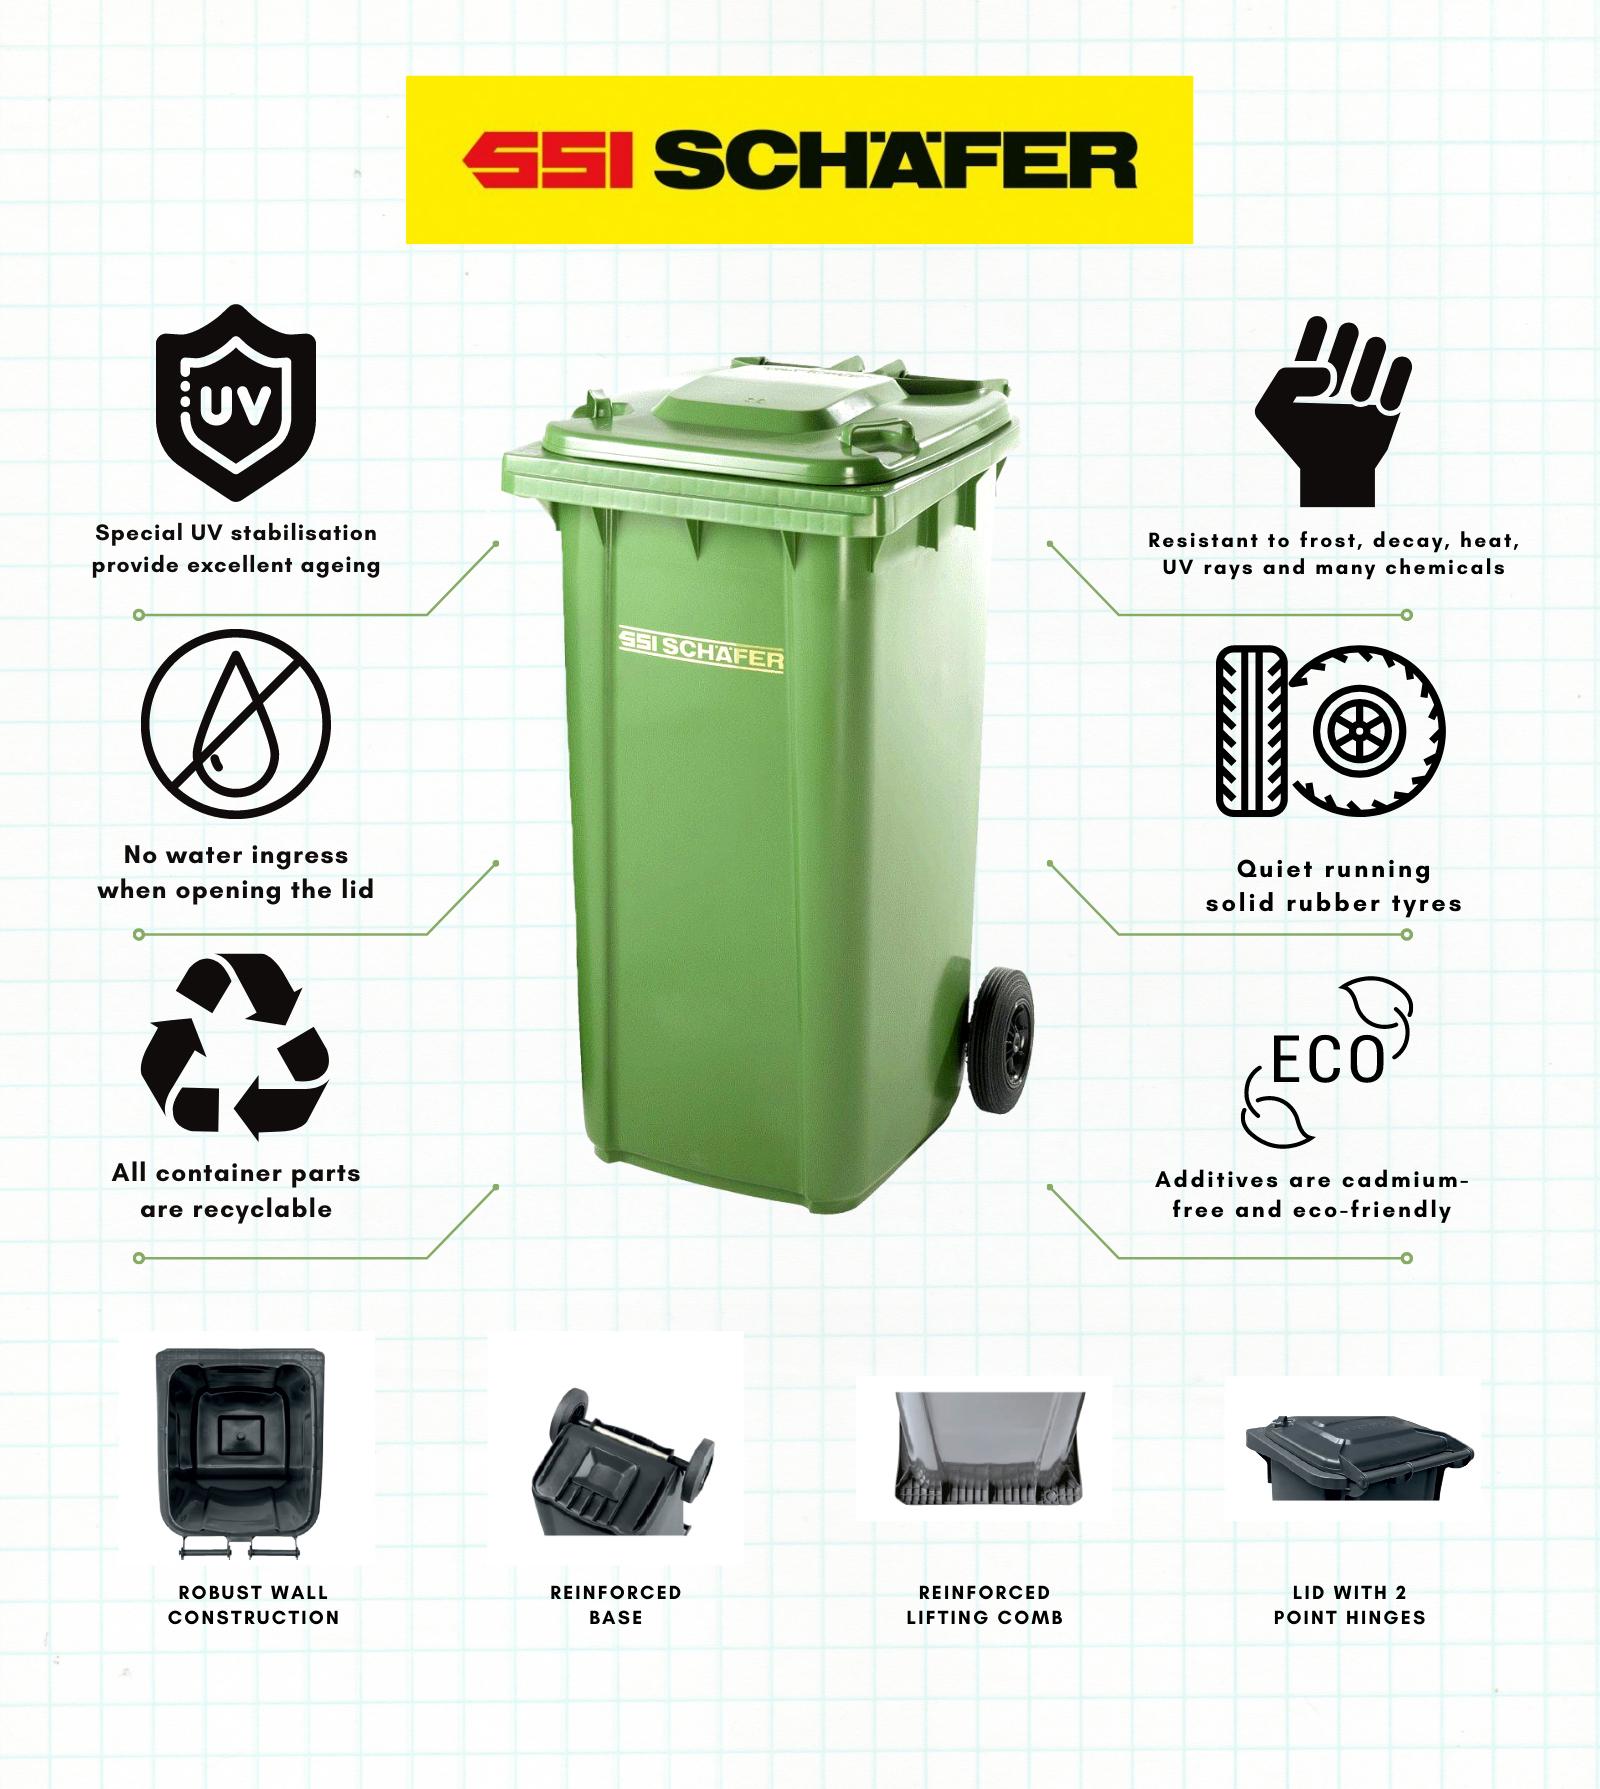 SSI Schafer 2 Wheels Garbage Bin-1